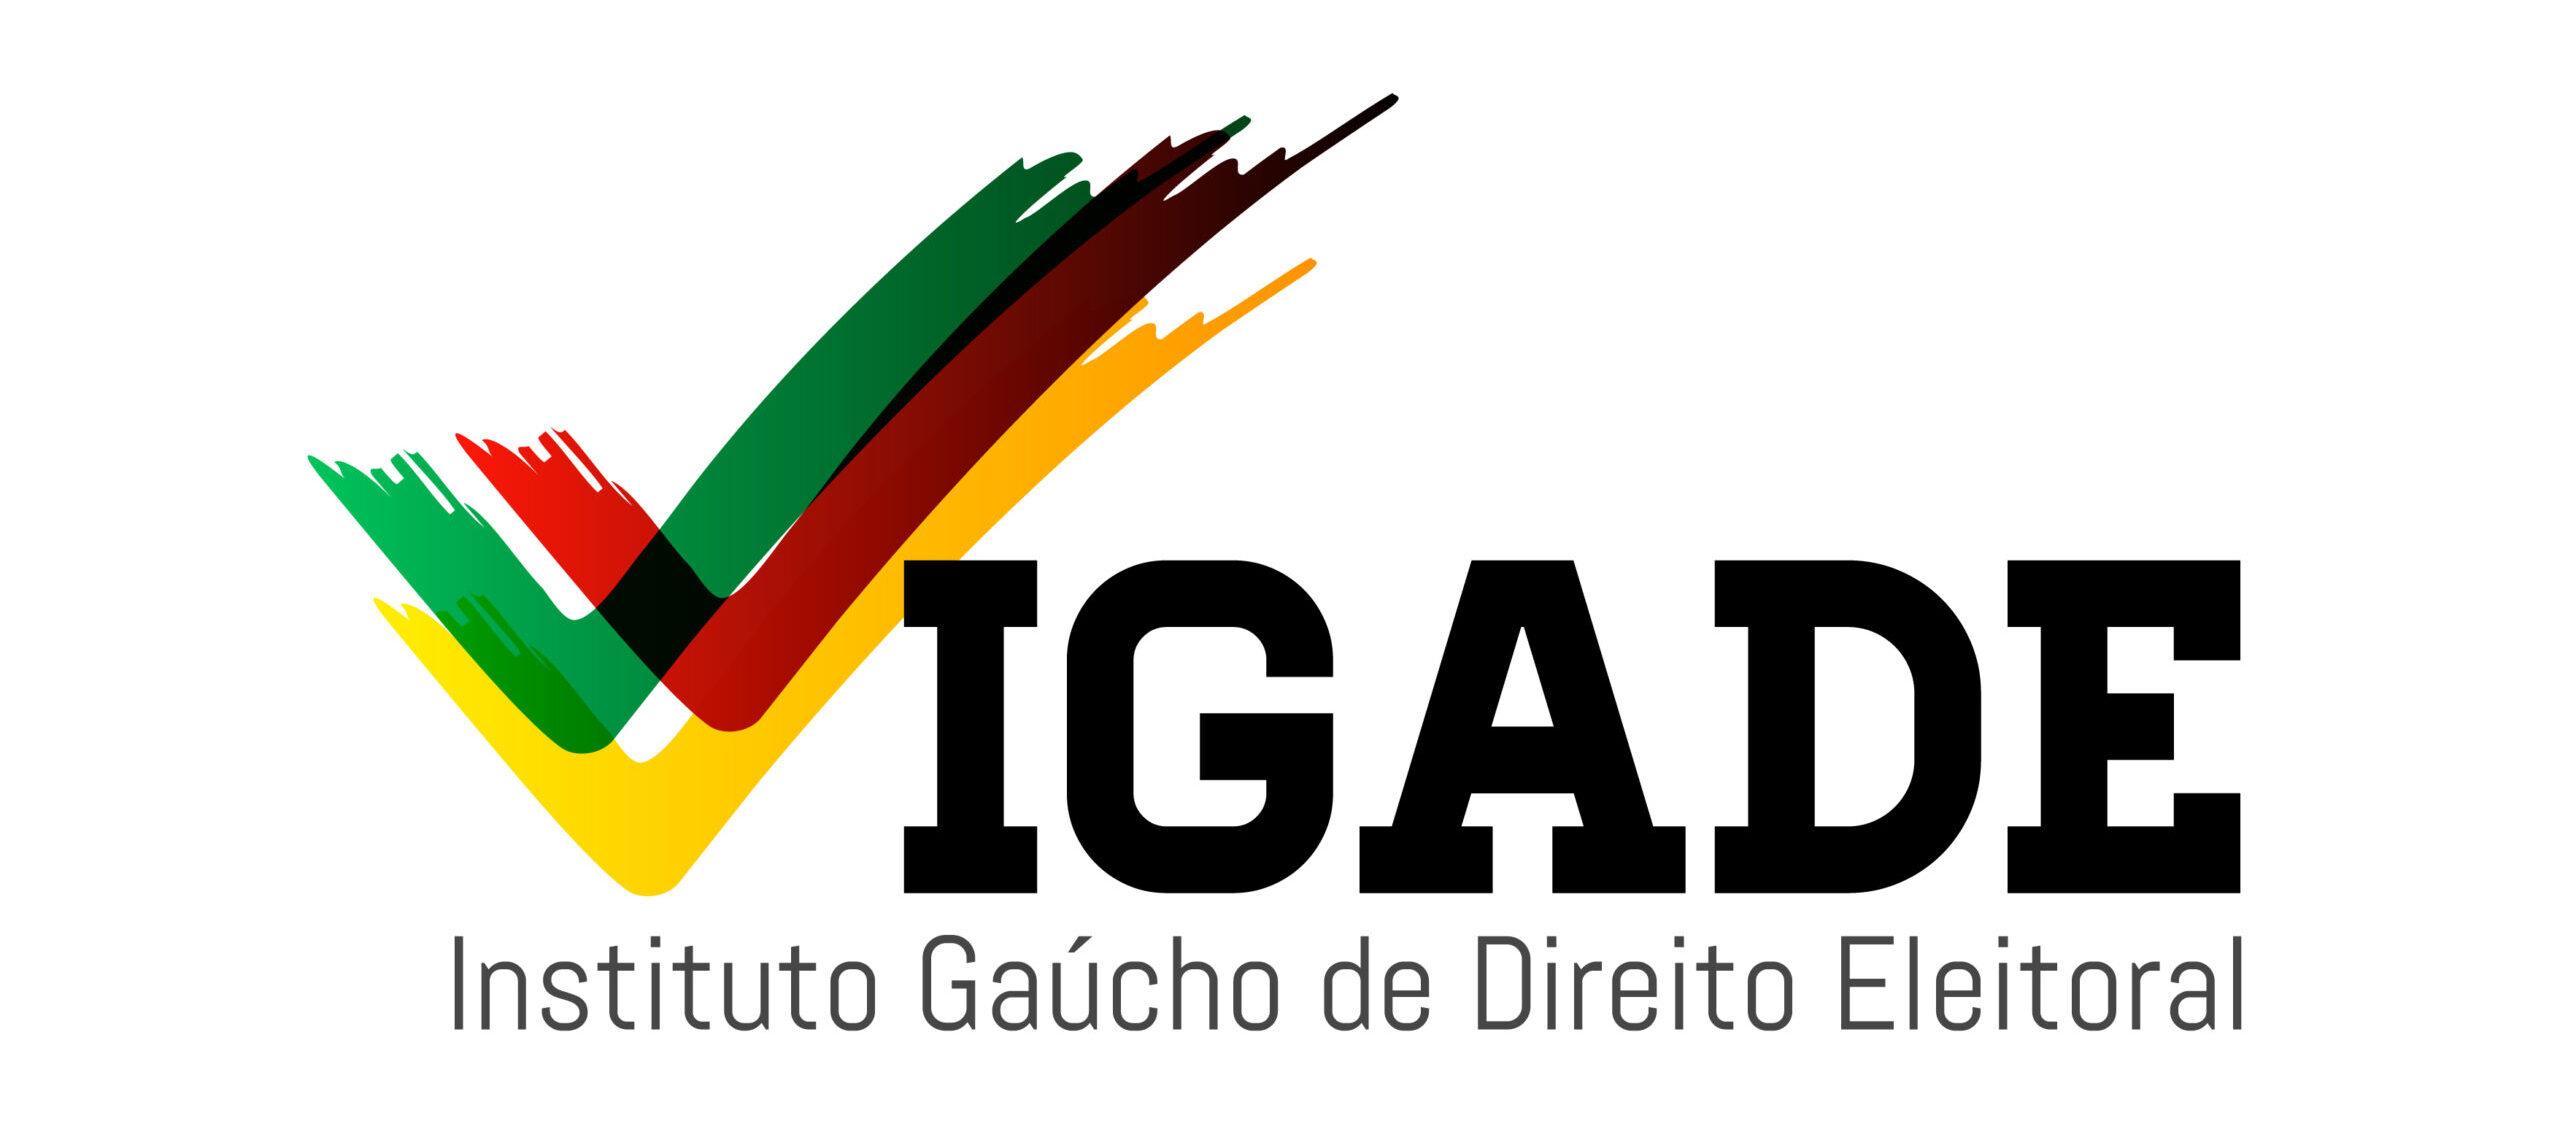 IGADE – Instituto Gaúcho de Direito Eleitoral